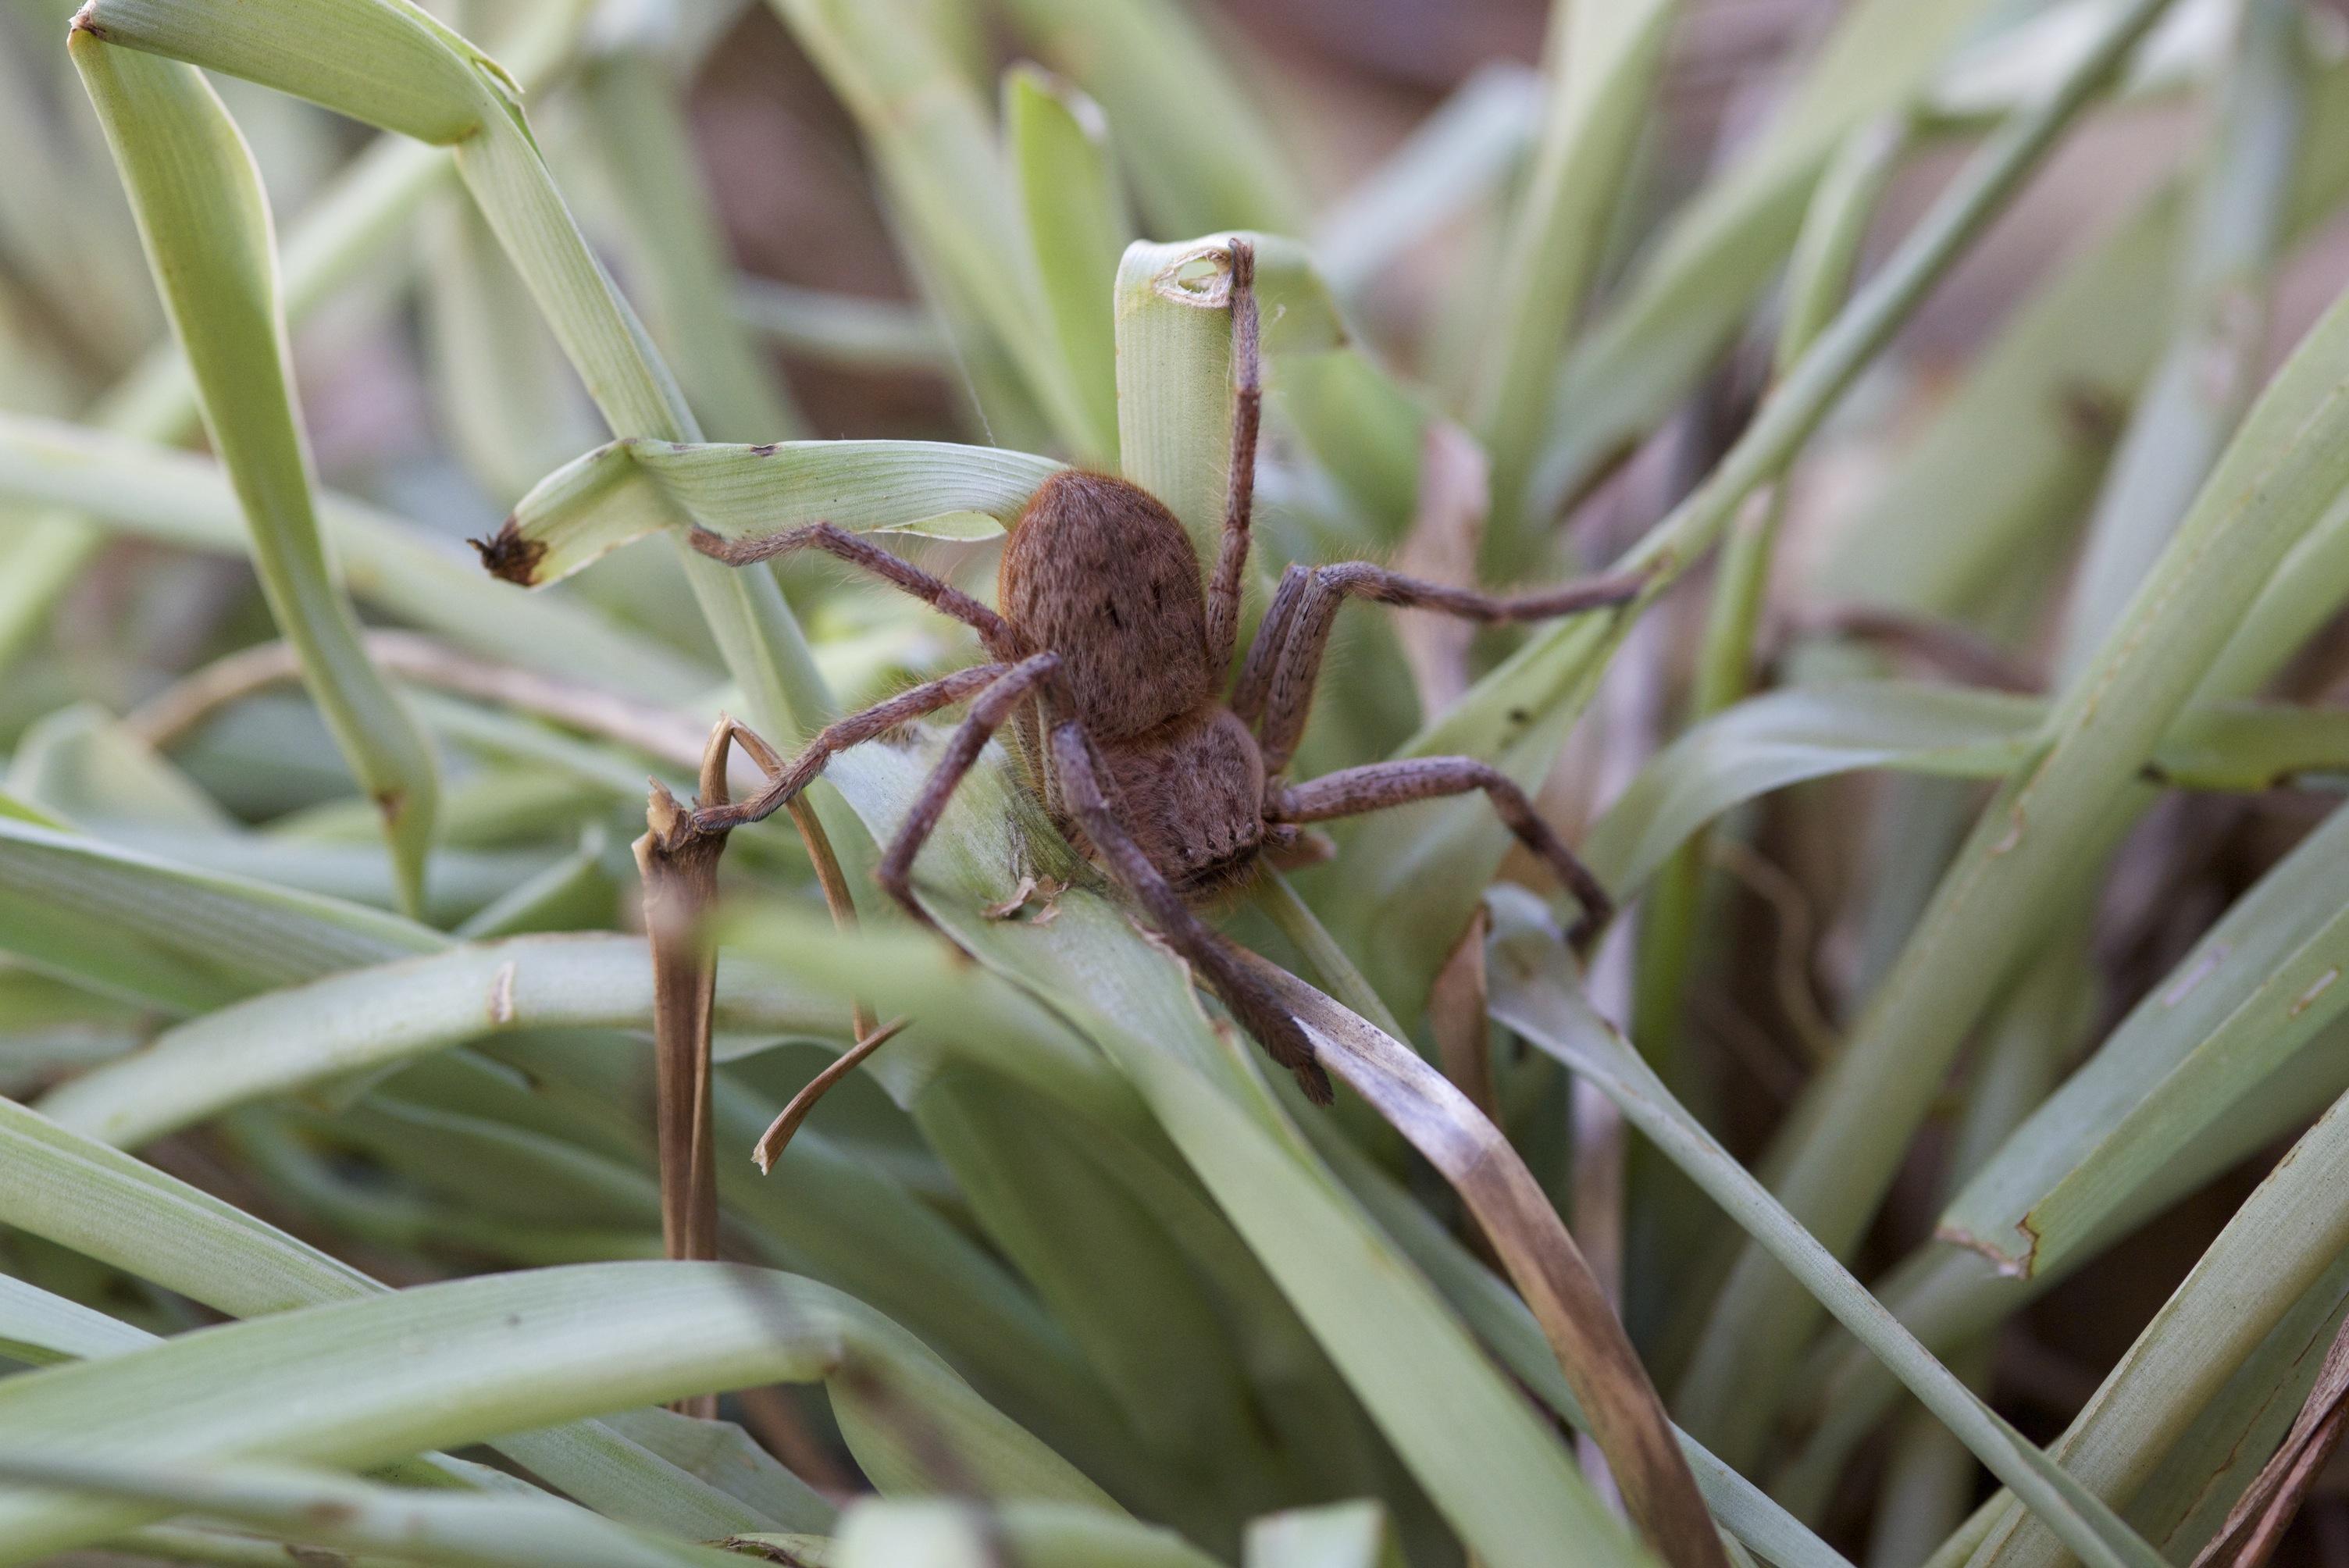 We get plenty of Huntsmen spiders!